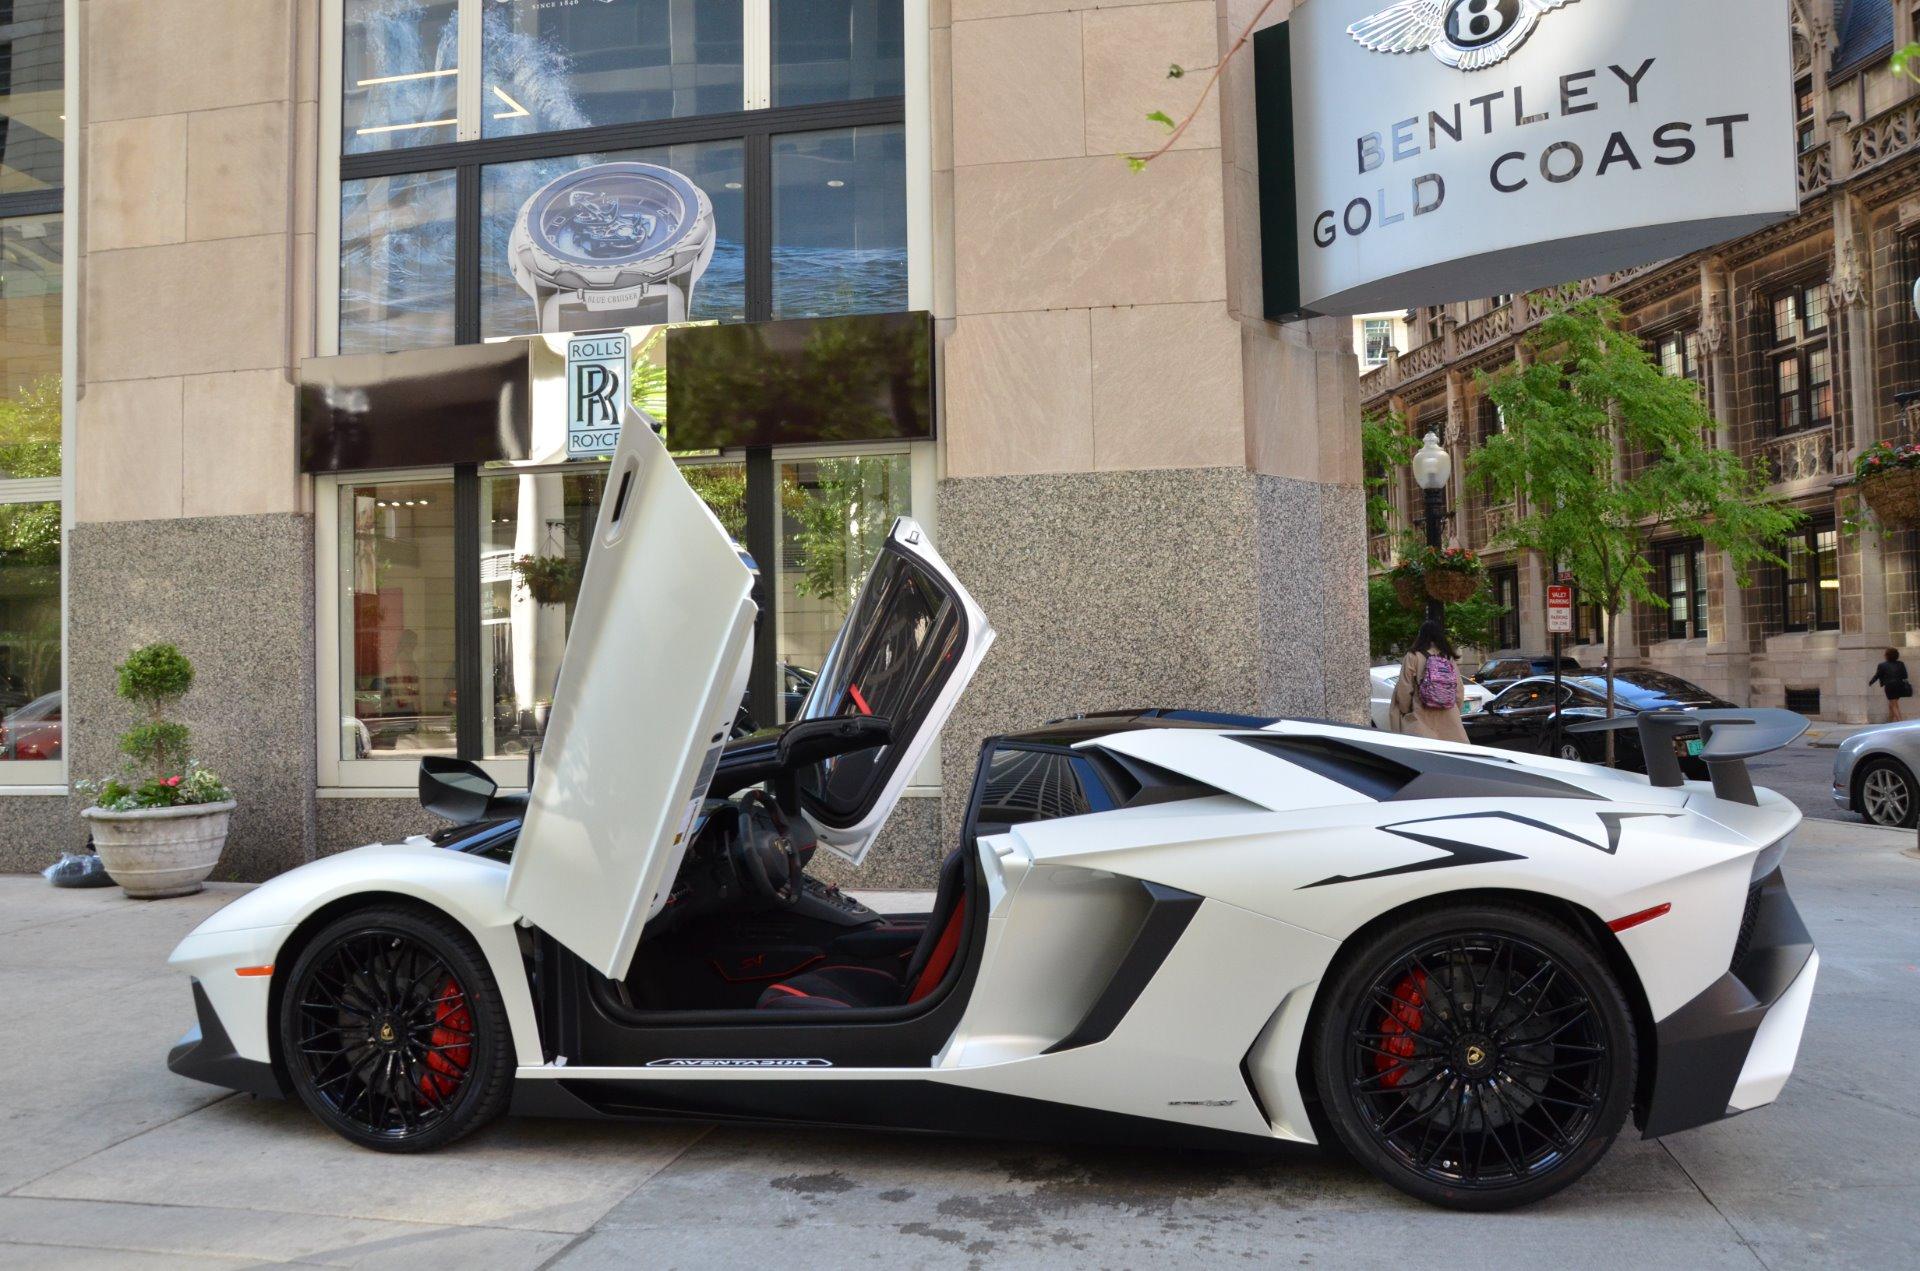 2017 Lamborghini Aventador Sv Roadster Lp 750 4 Sv Stock Gc Mir161 For Sale Near Chicago Il Il Lamborghini Dealer